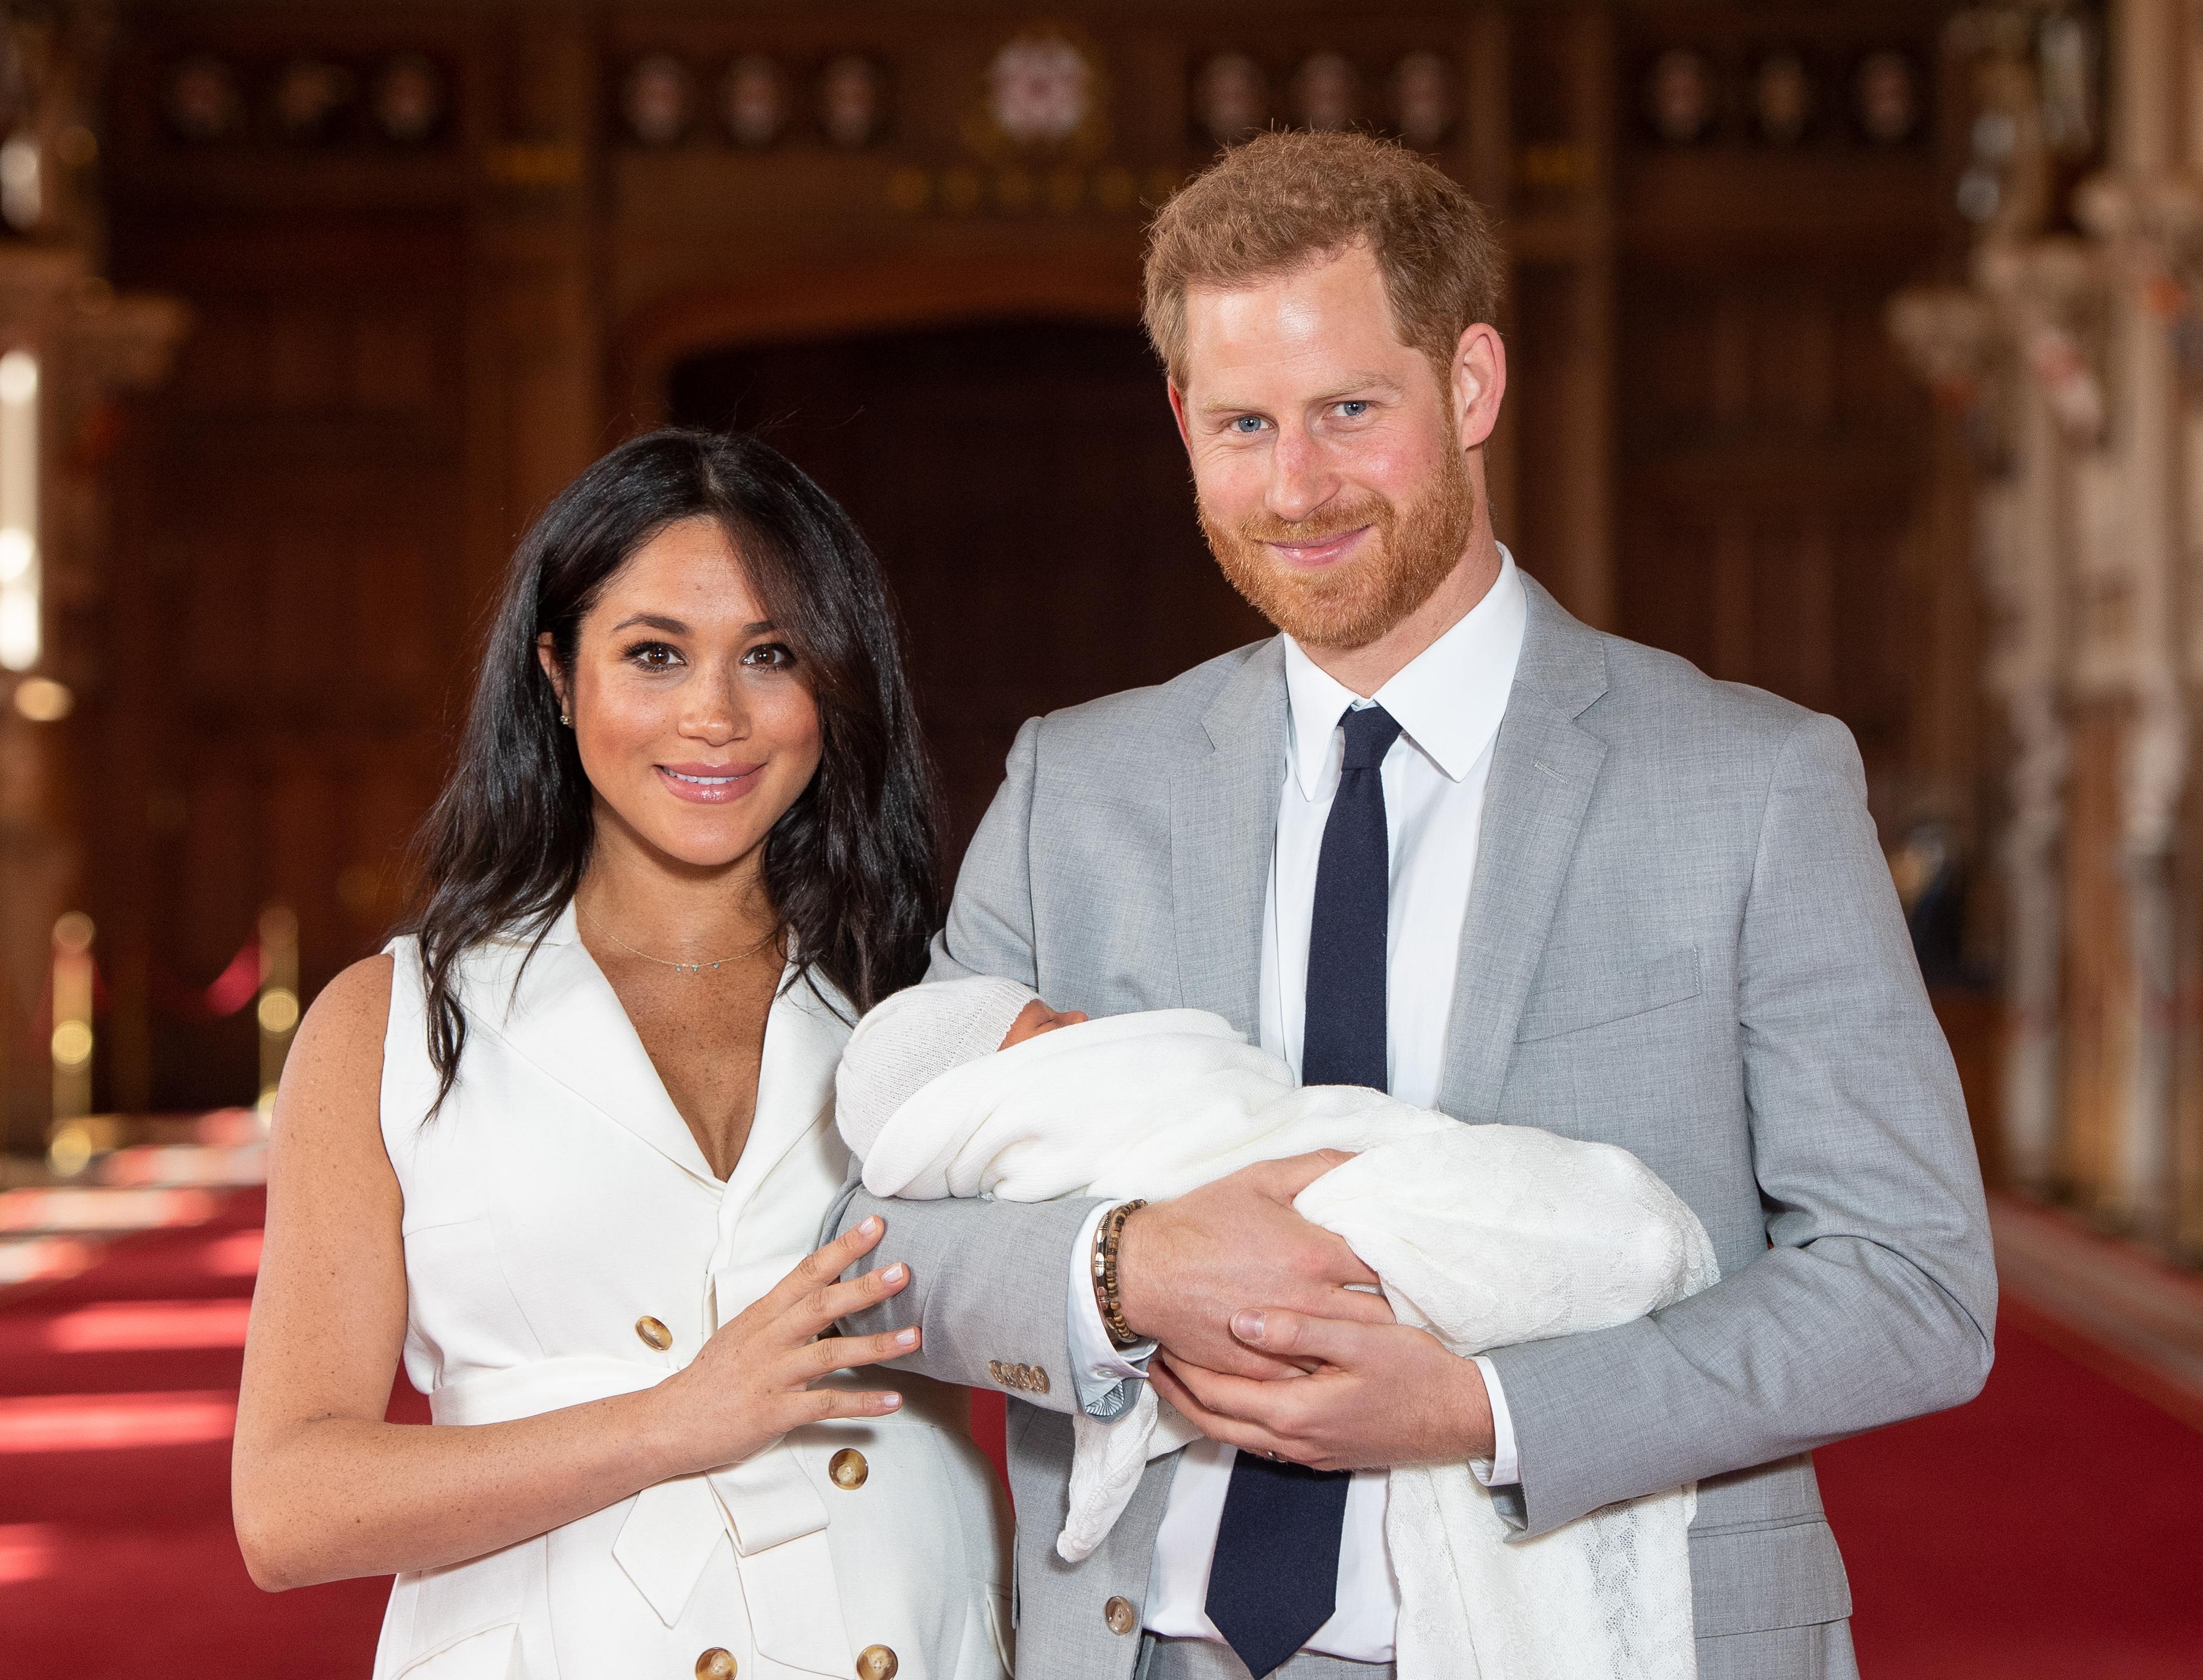 Принц Гарри и Меган Маркл рассказали, почему внесли серьёзную поправку в свидетельство о рождении Арчи